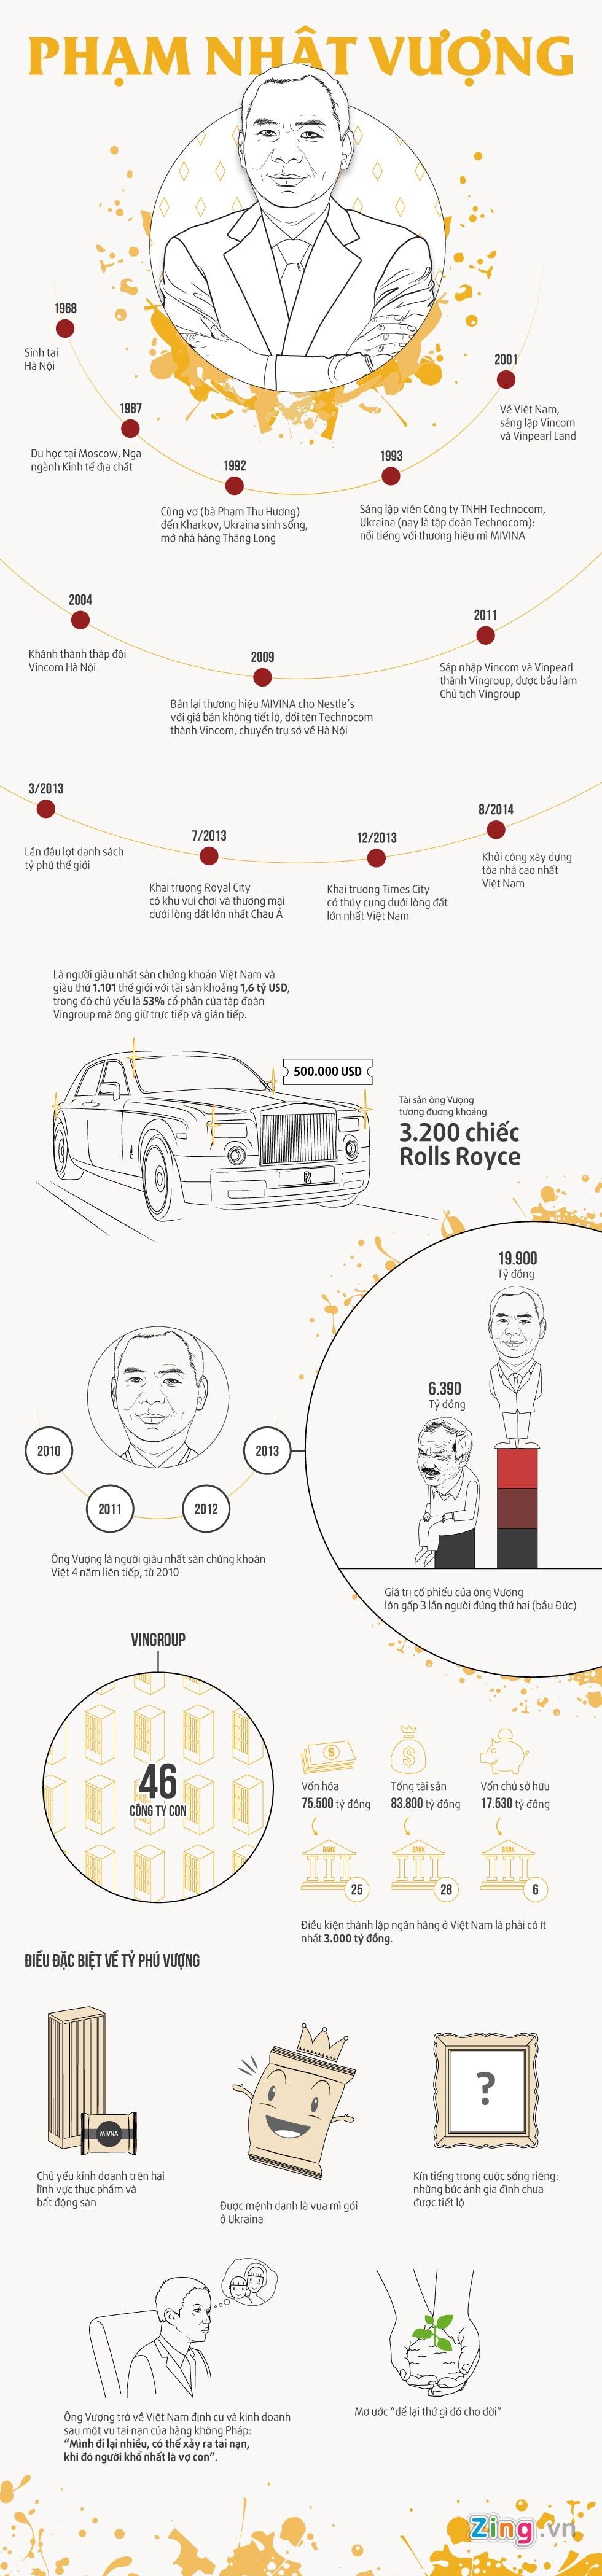 Infographic - Tỷ Phú Phạm Nhật Vượng